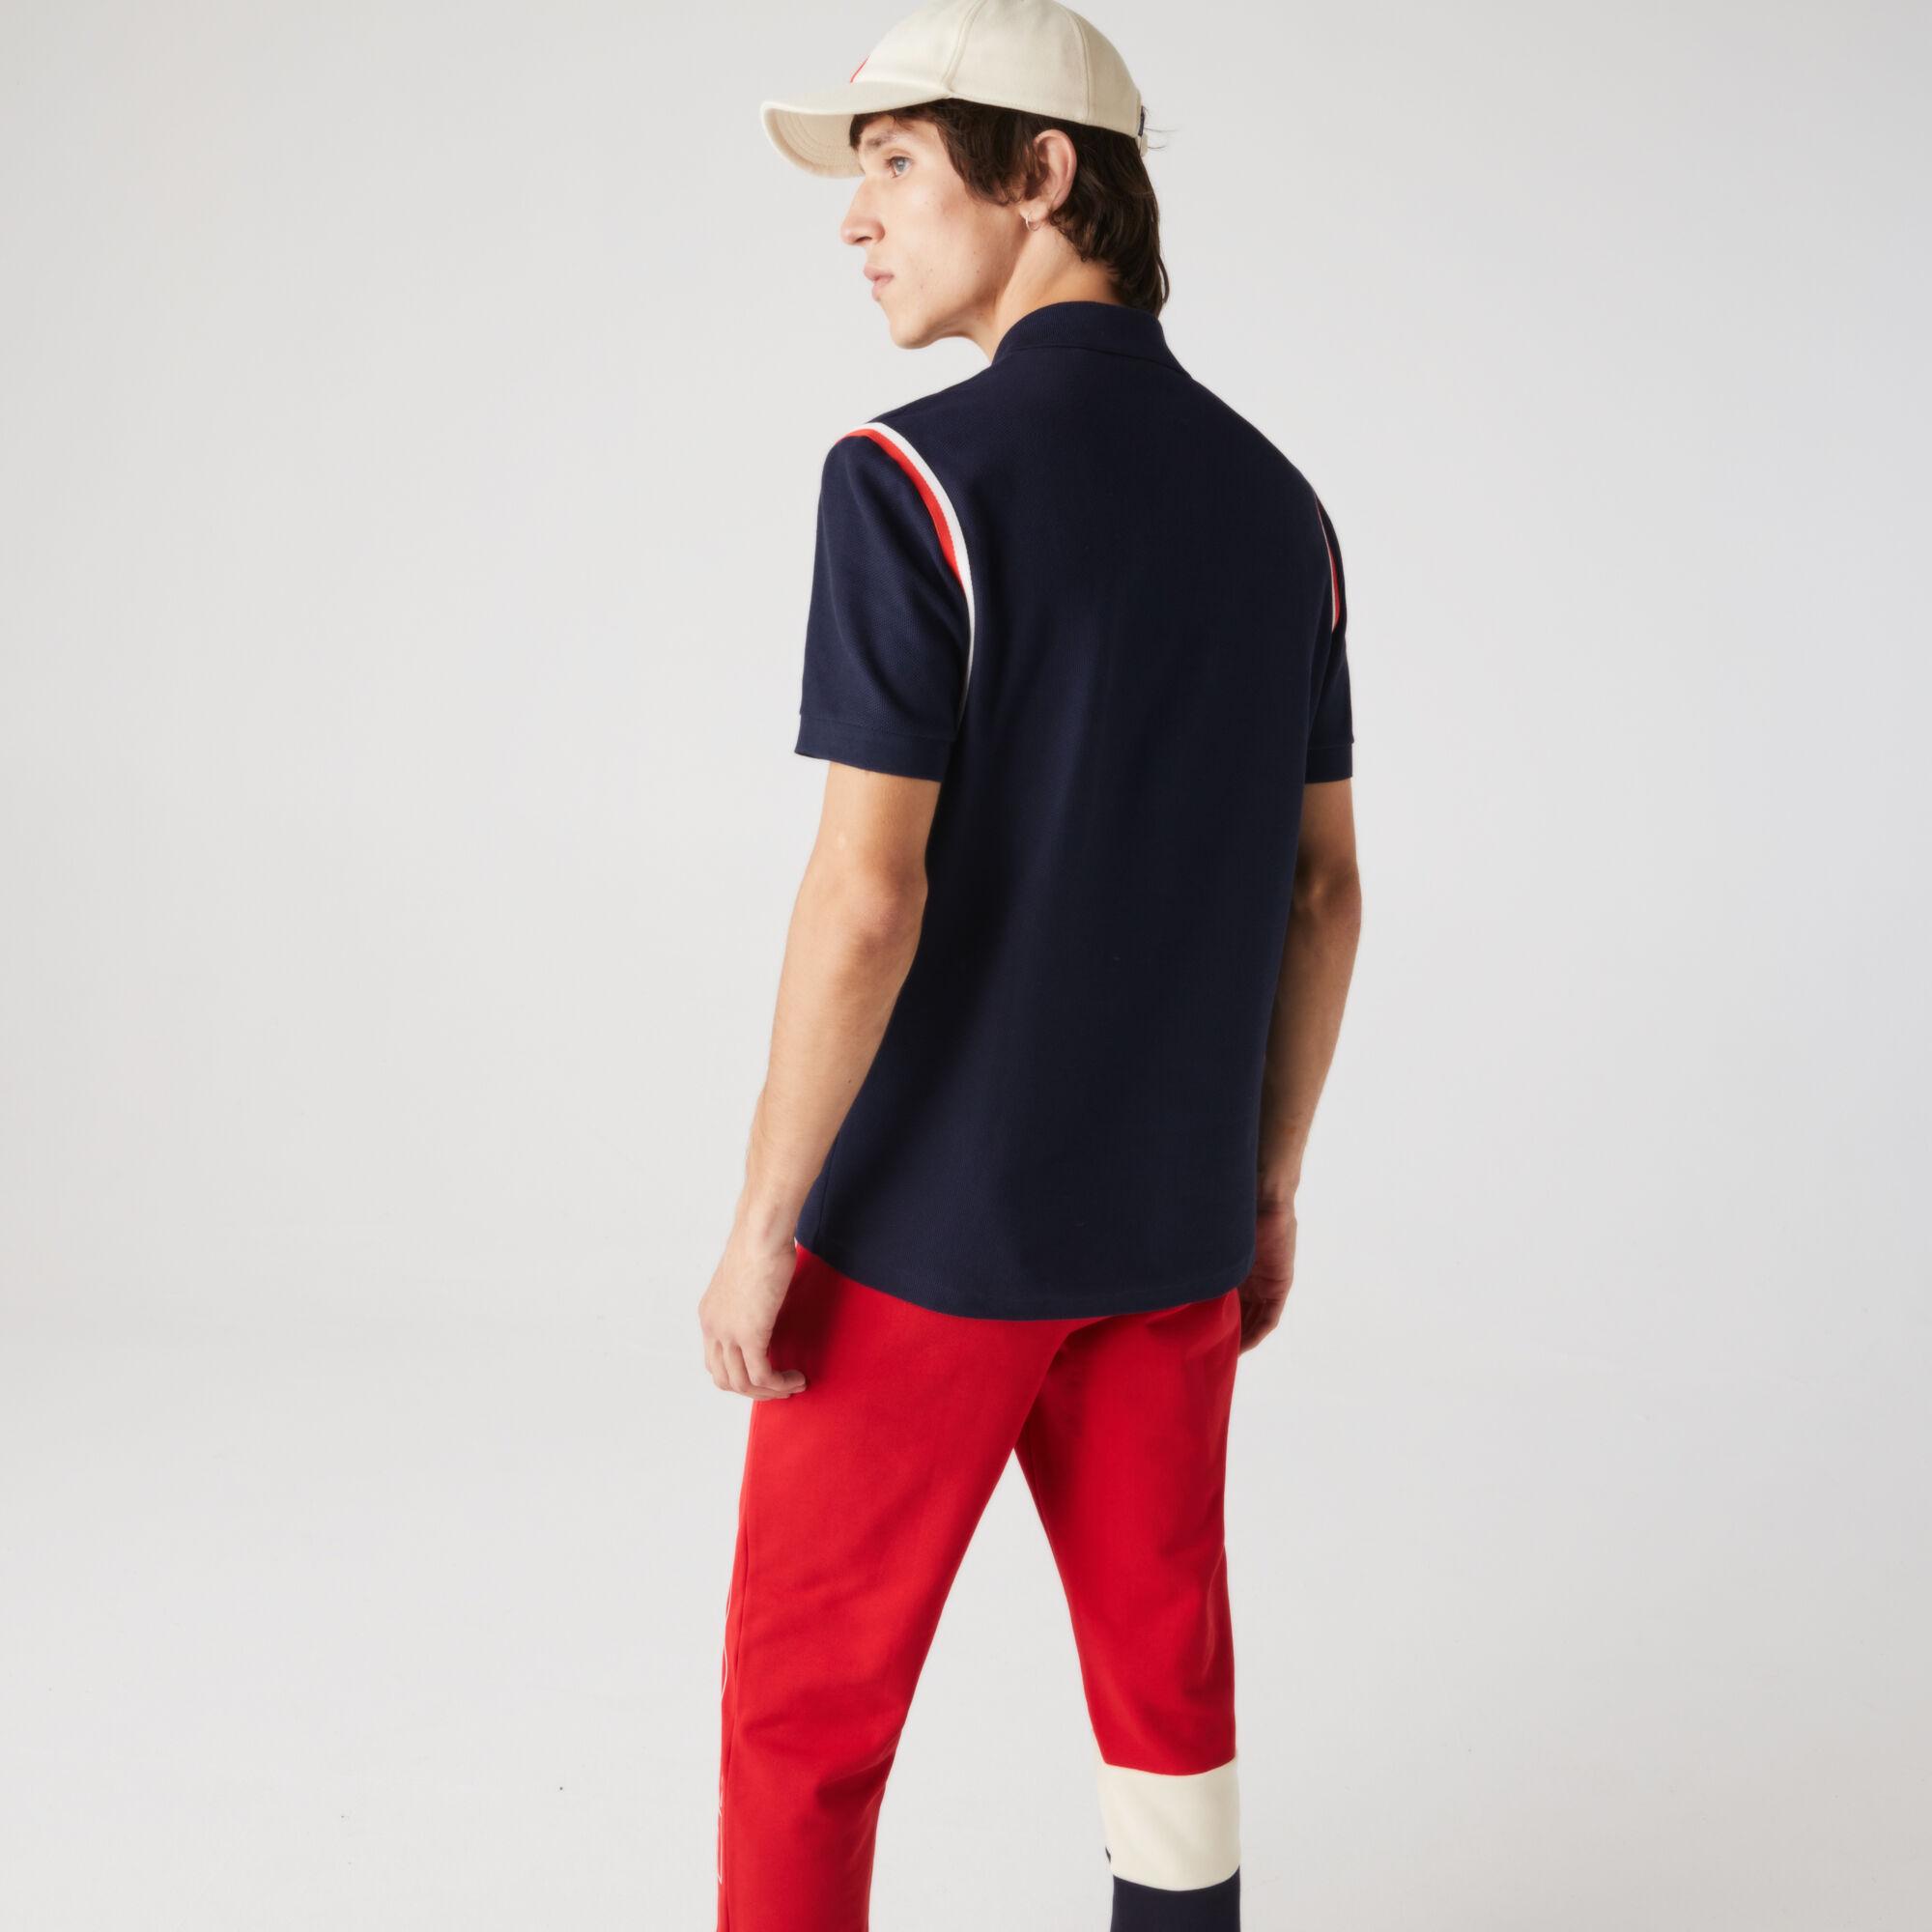 قميص بولو للرجال من القطن العضوي بقصة عادية مجموعة Made in France